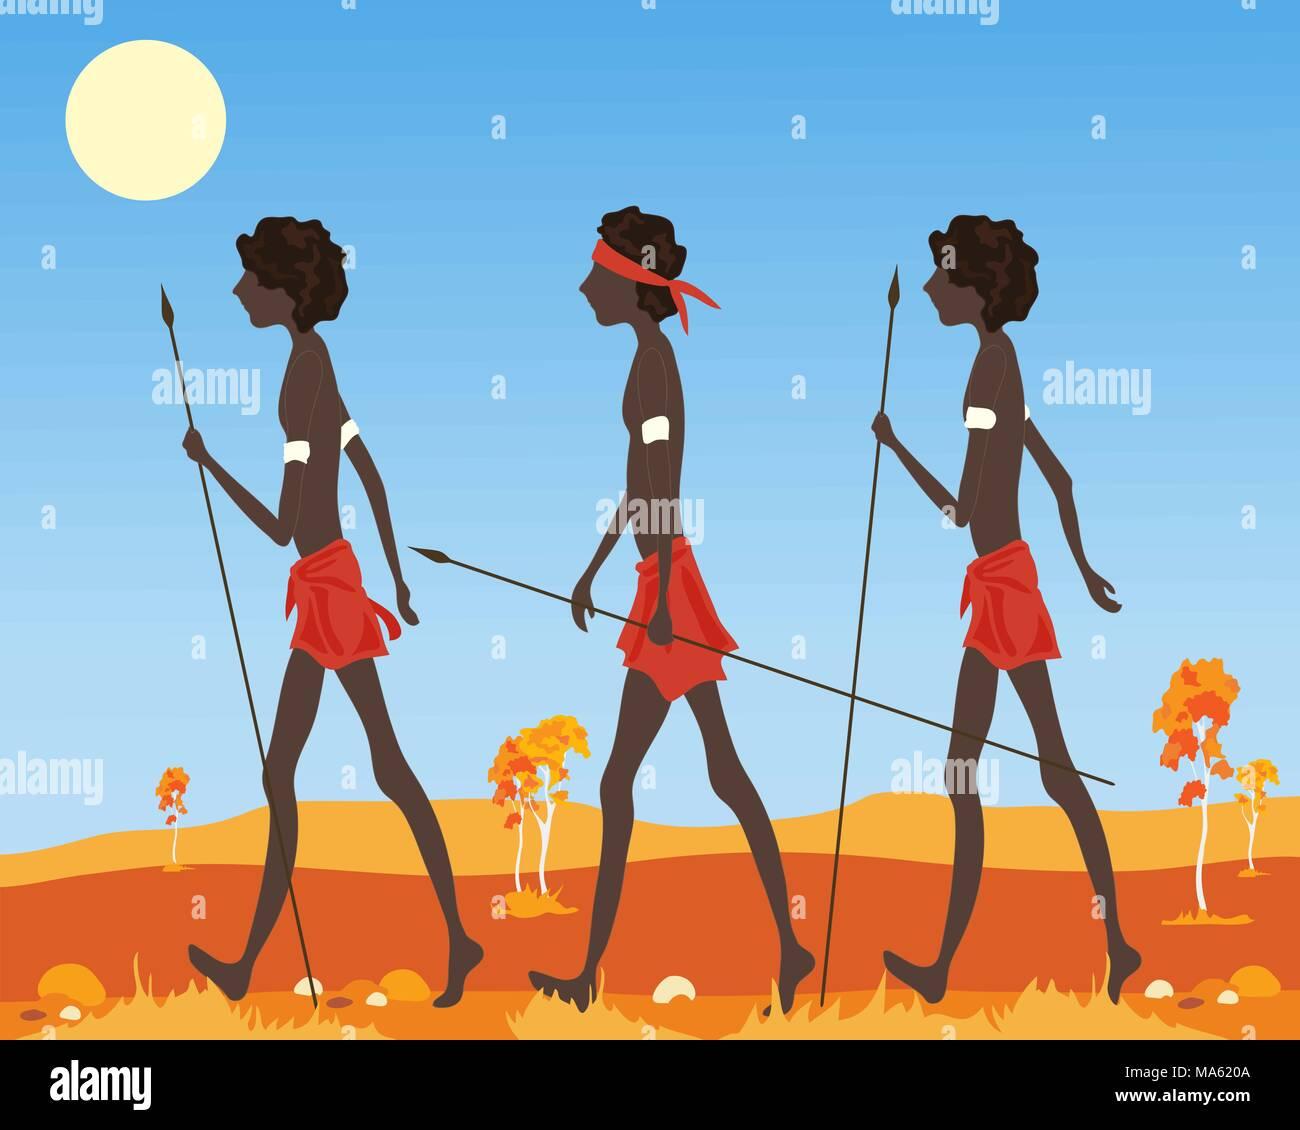 Una illustrazione vettoriale in formato eps formato 10 di tre aborigeno australiano uomini vestiti in abiti tradizionali passeggiate nell'entroterra Immagini Stock